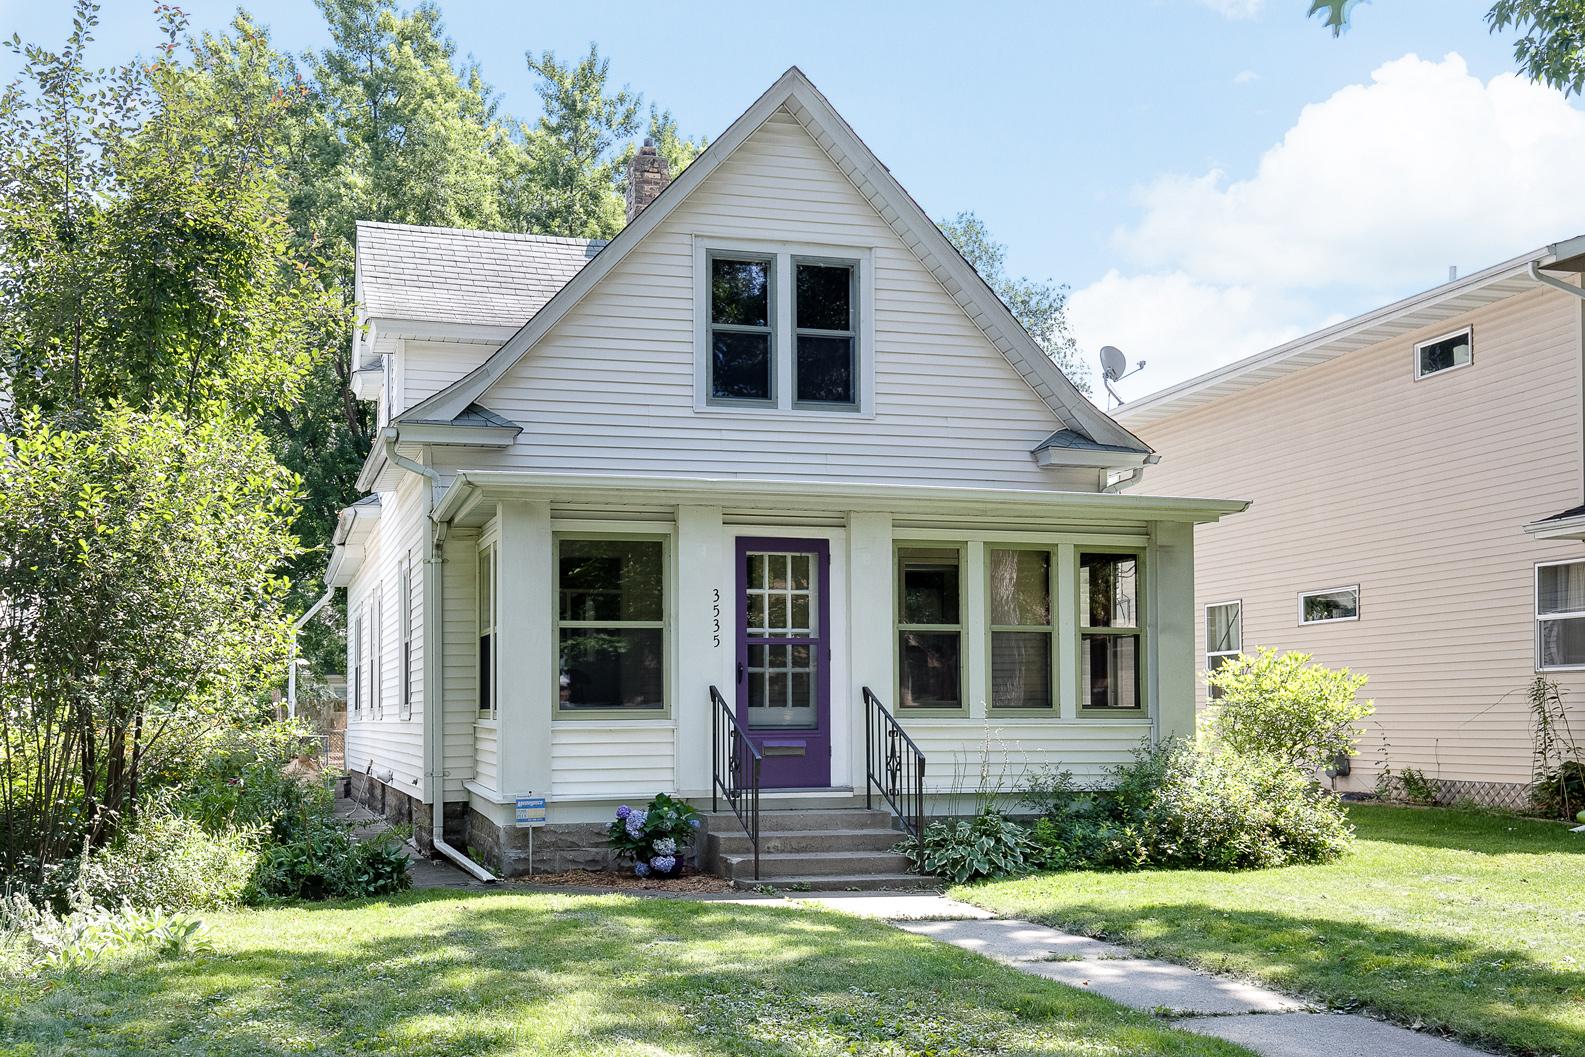 3535-26th-Ave-S_084 - Minneapolis Real Estate, Minneapolis ...